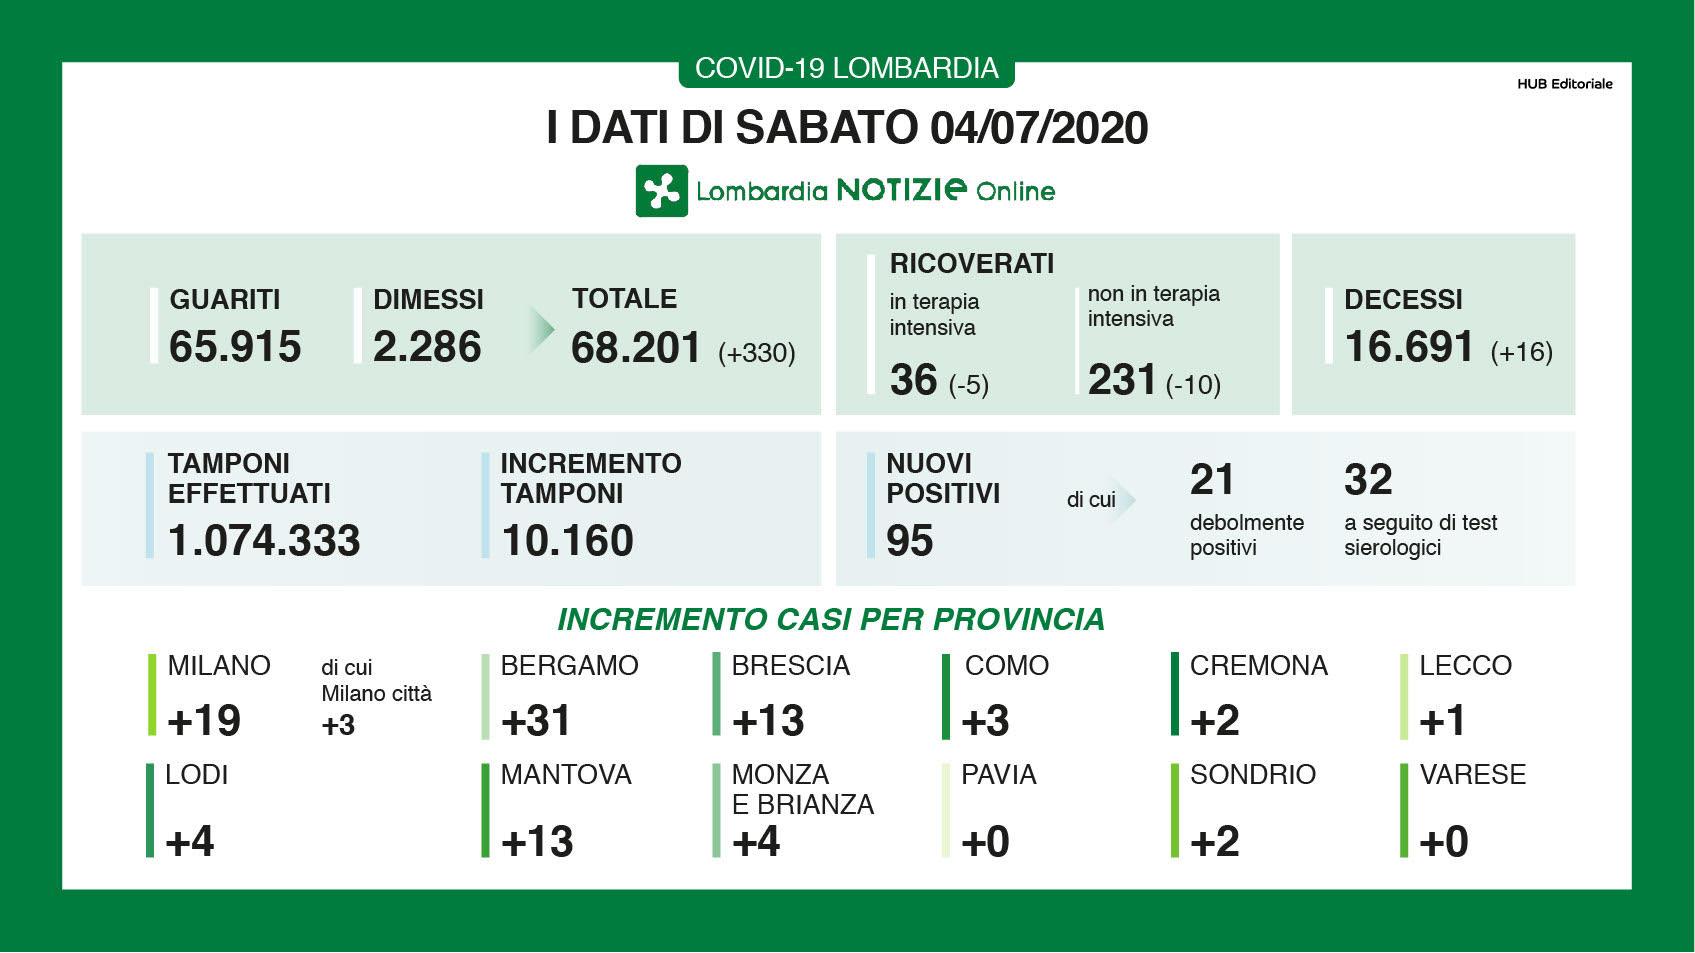 Coronavirus, in Lombardia 53 contagi in 24 ore. Aumentano i